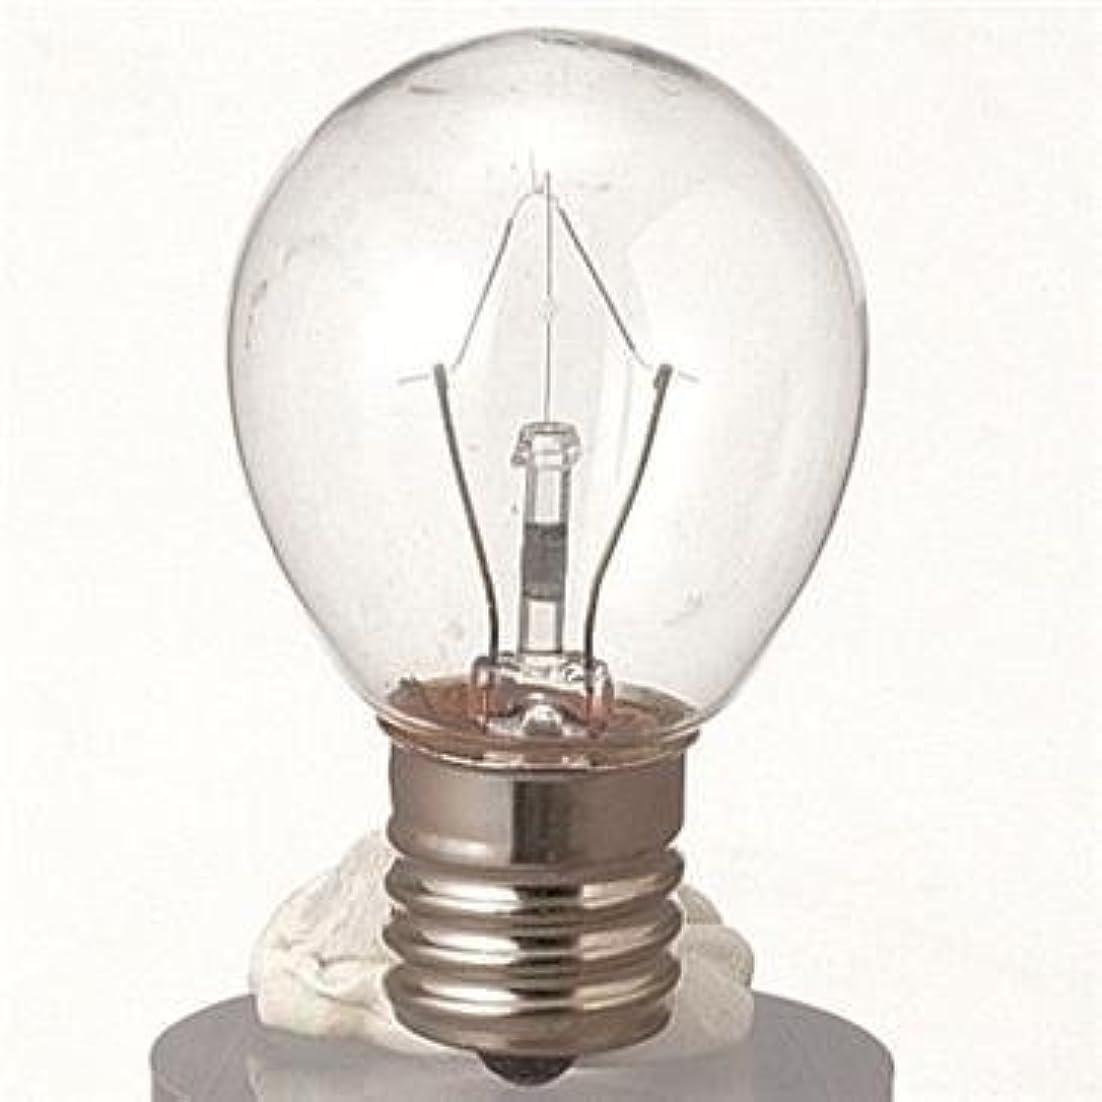 理解する抑圧する爆弾生活の木 アロマランプL用 電球[25W]